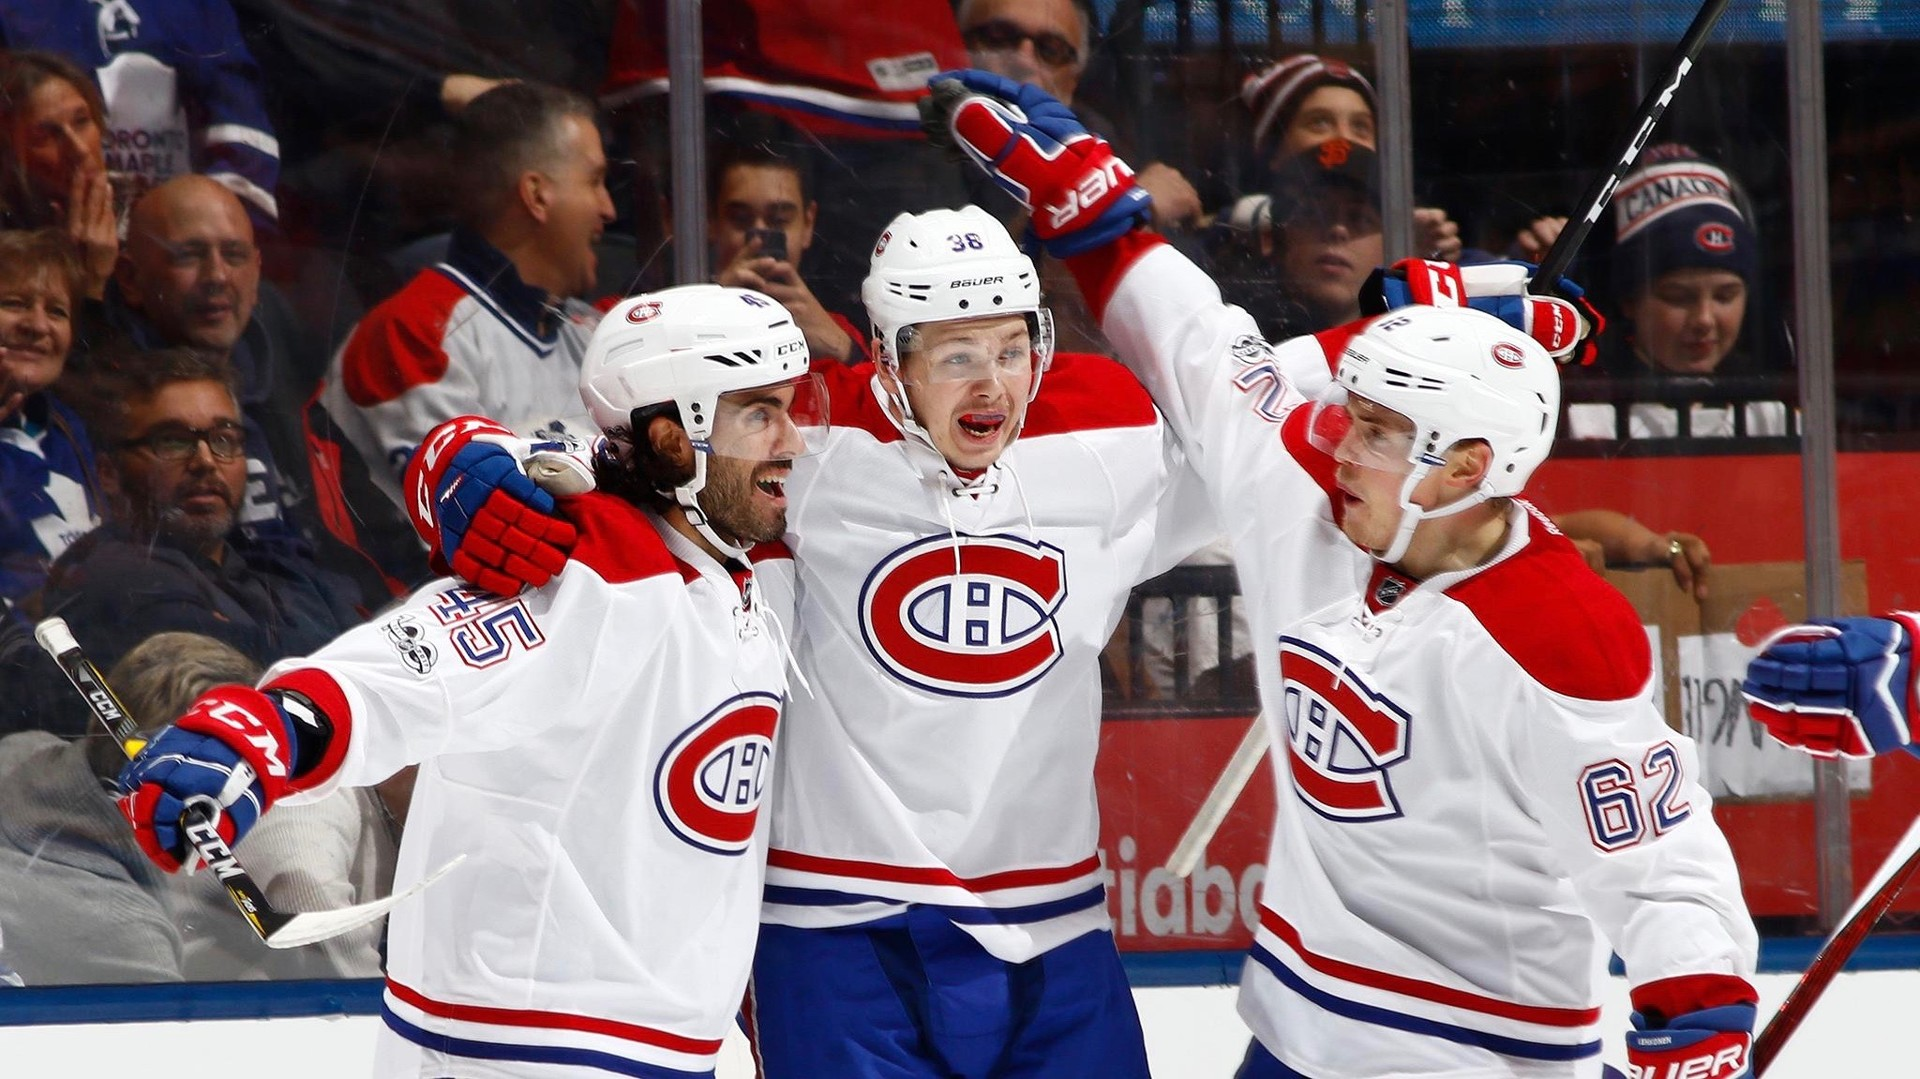 Дебют по-русски: нападающий «Монреаля» Щербак отметился шайбой в НХЛ первым же броском